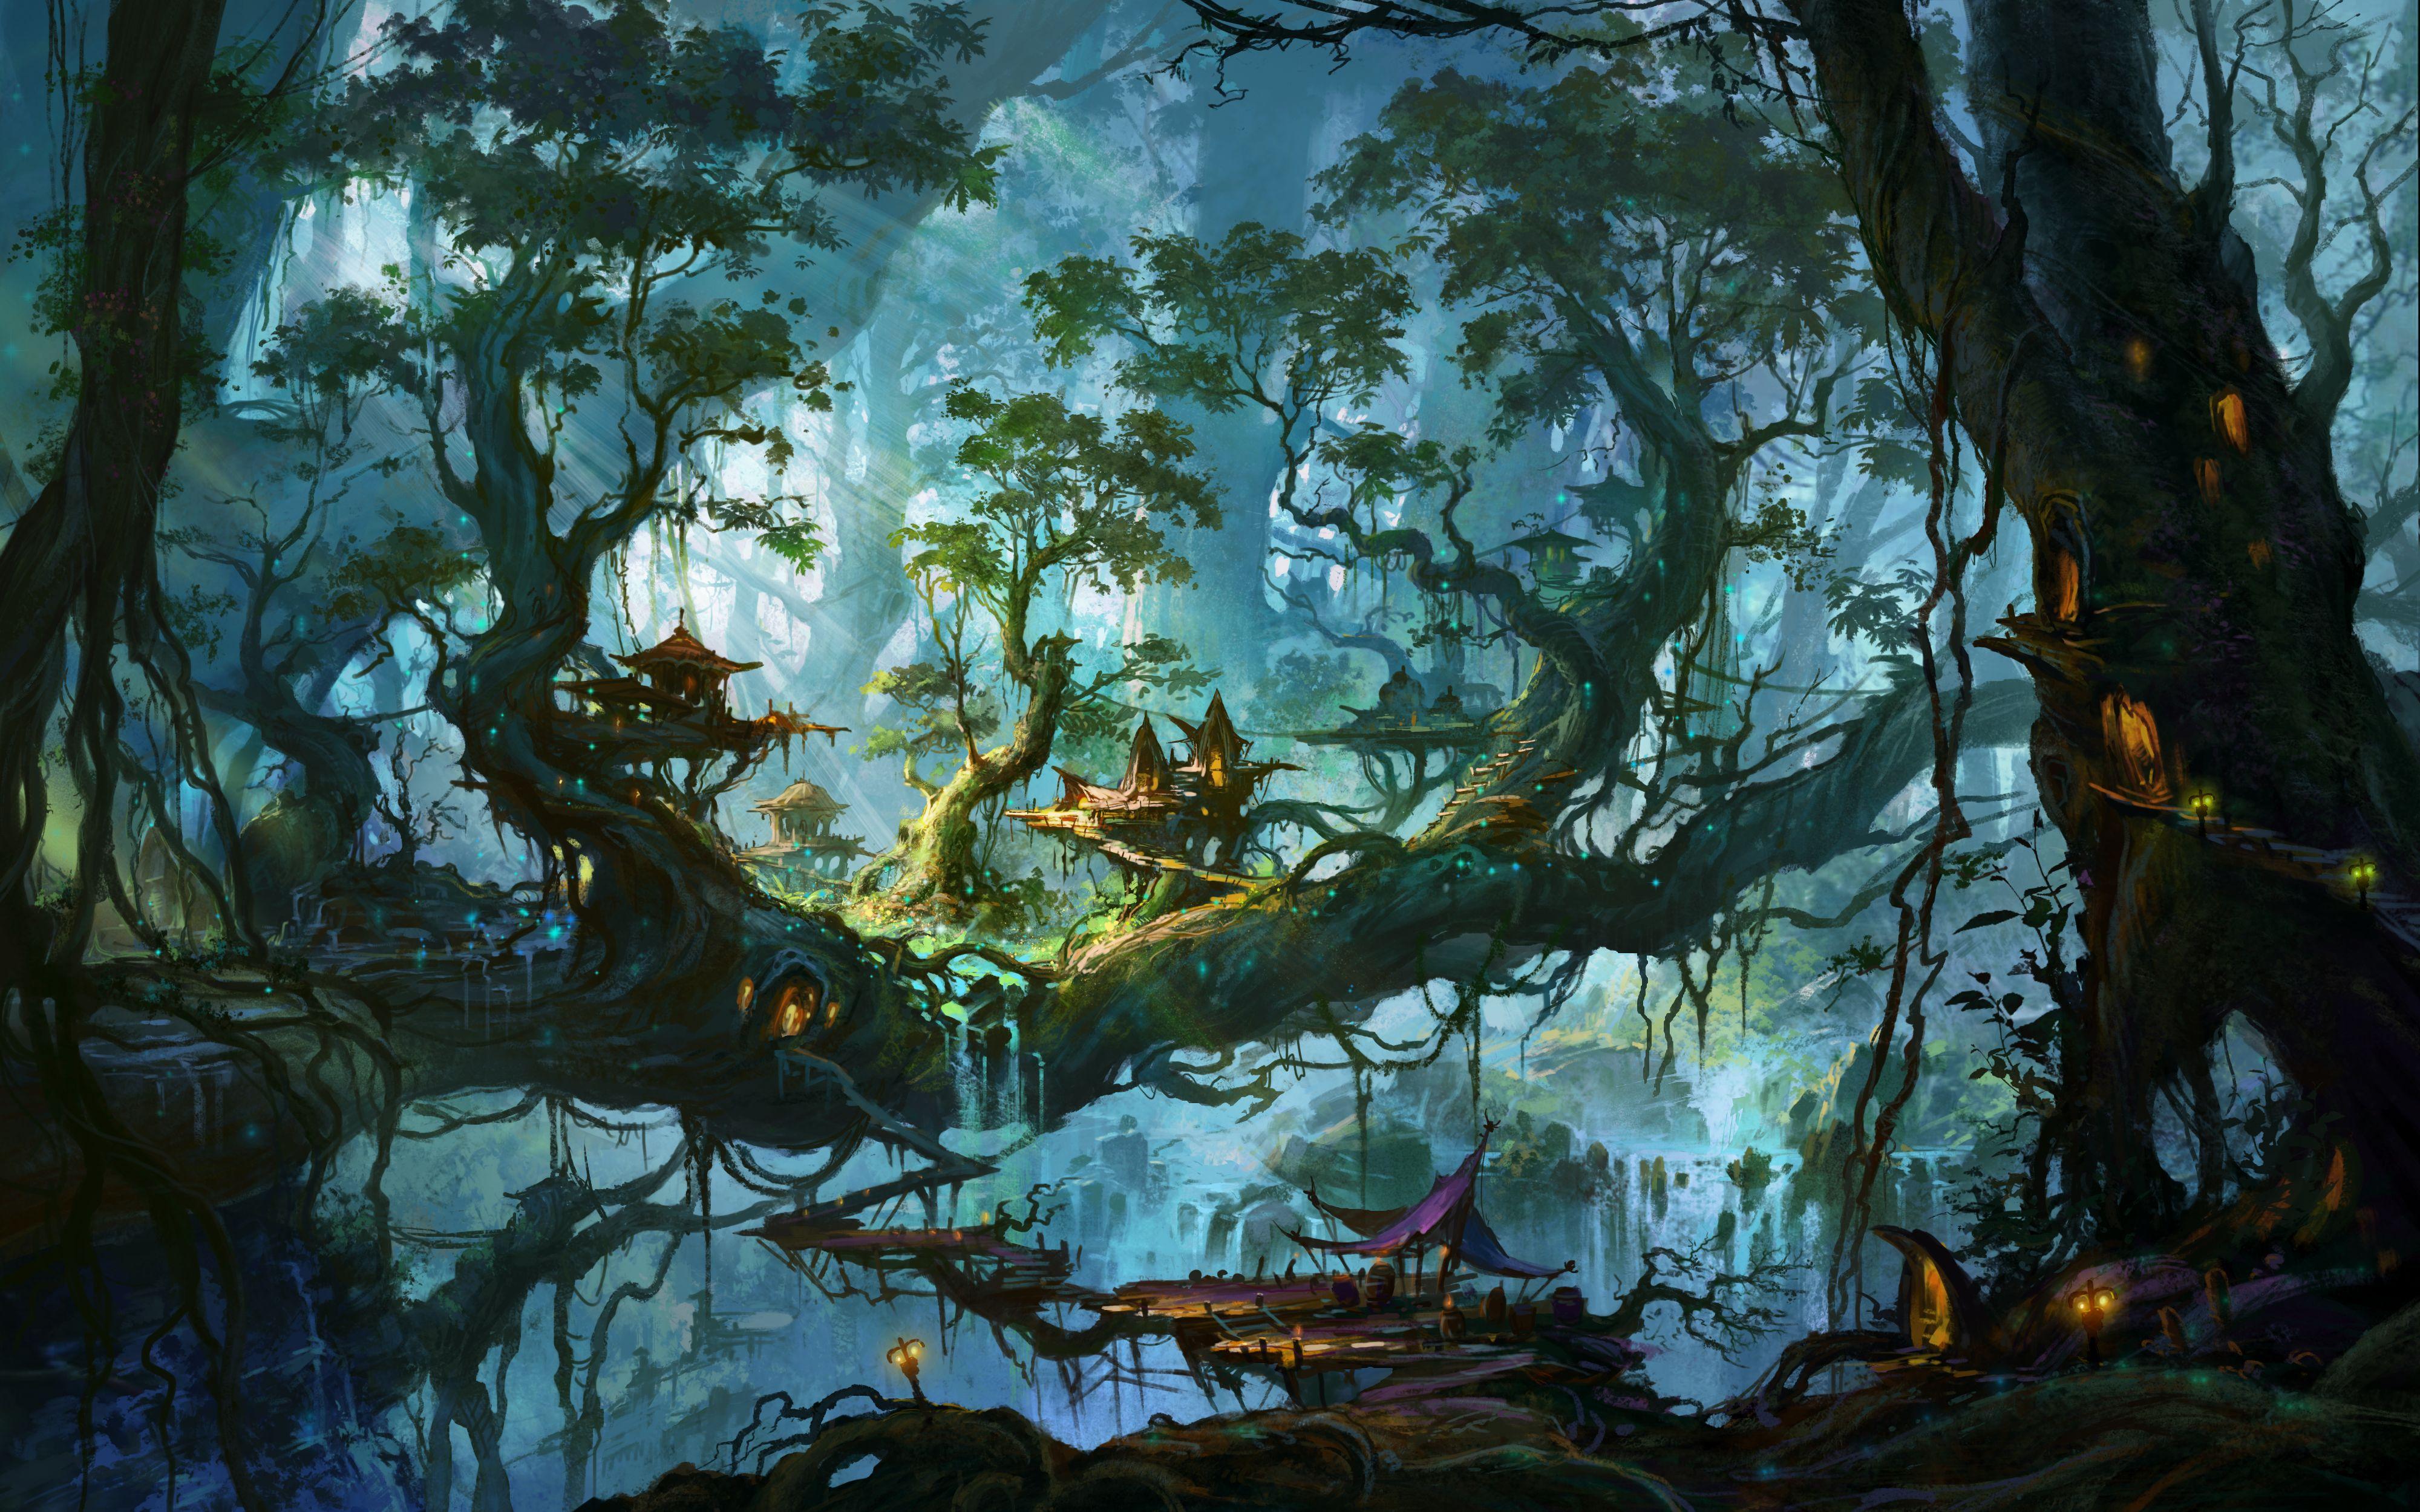 これから始める、本格MMORPG『ユグドラシル』大型アップデート「エルフランド」実装のお知らせ